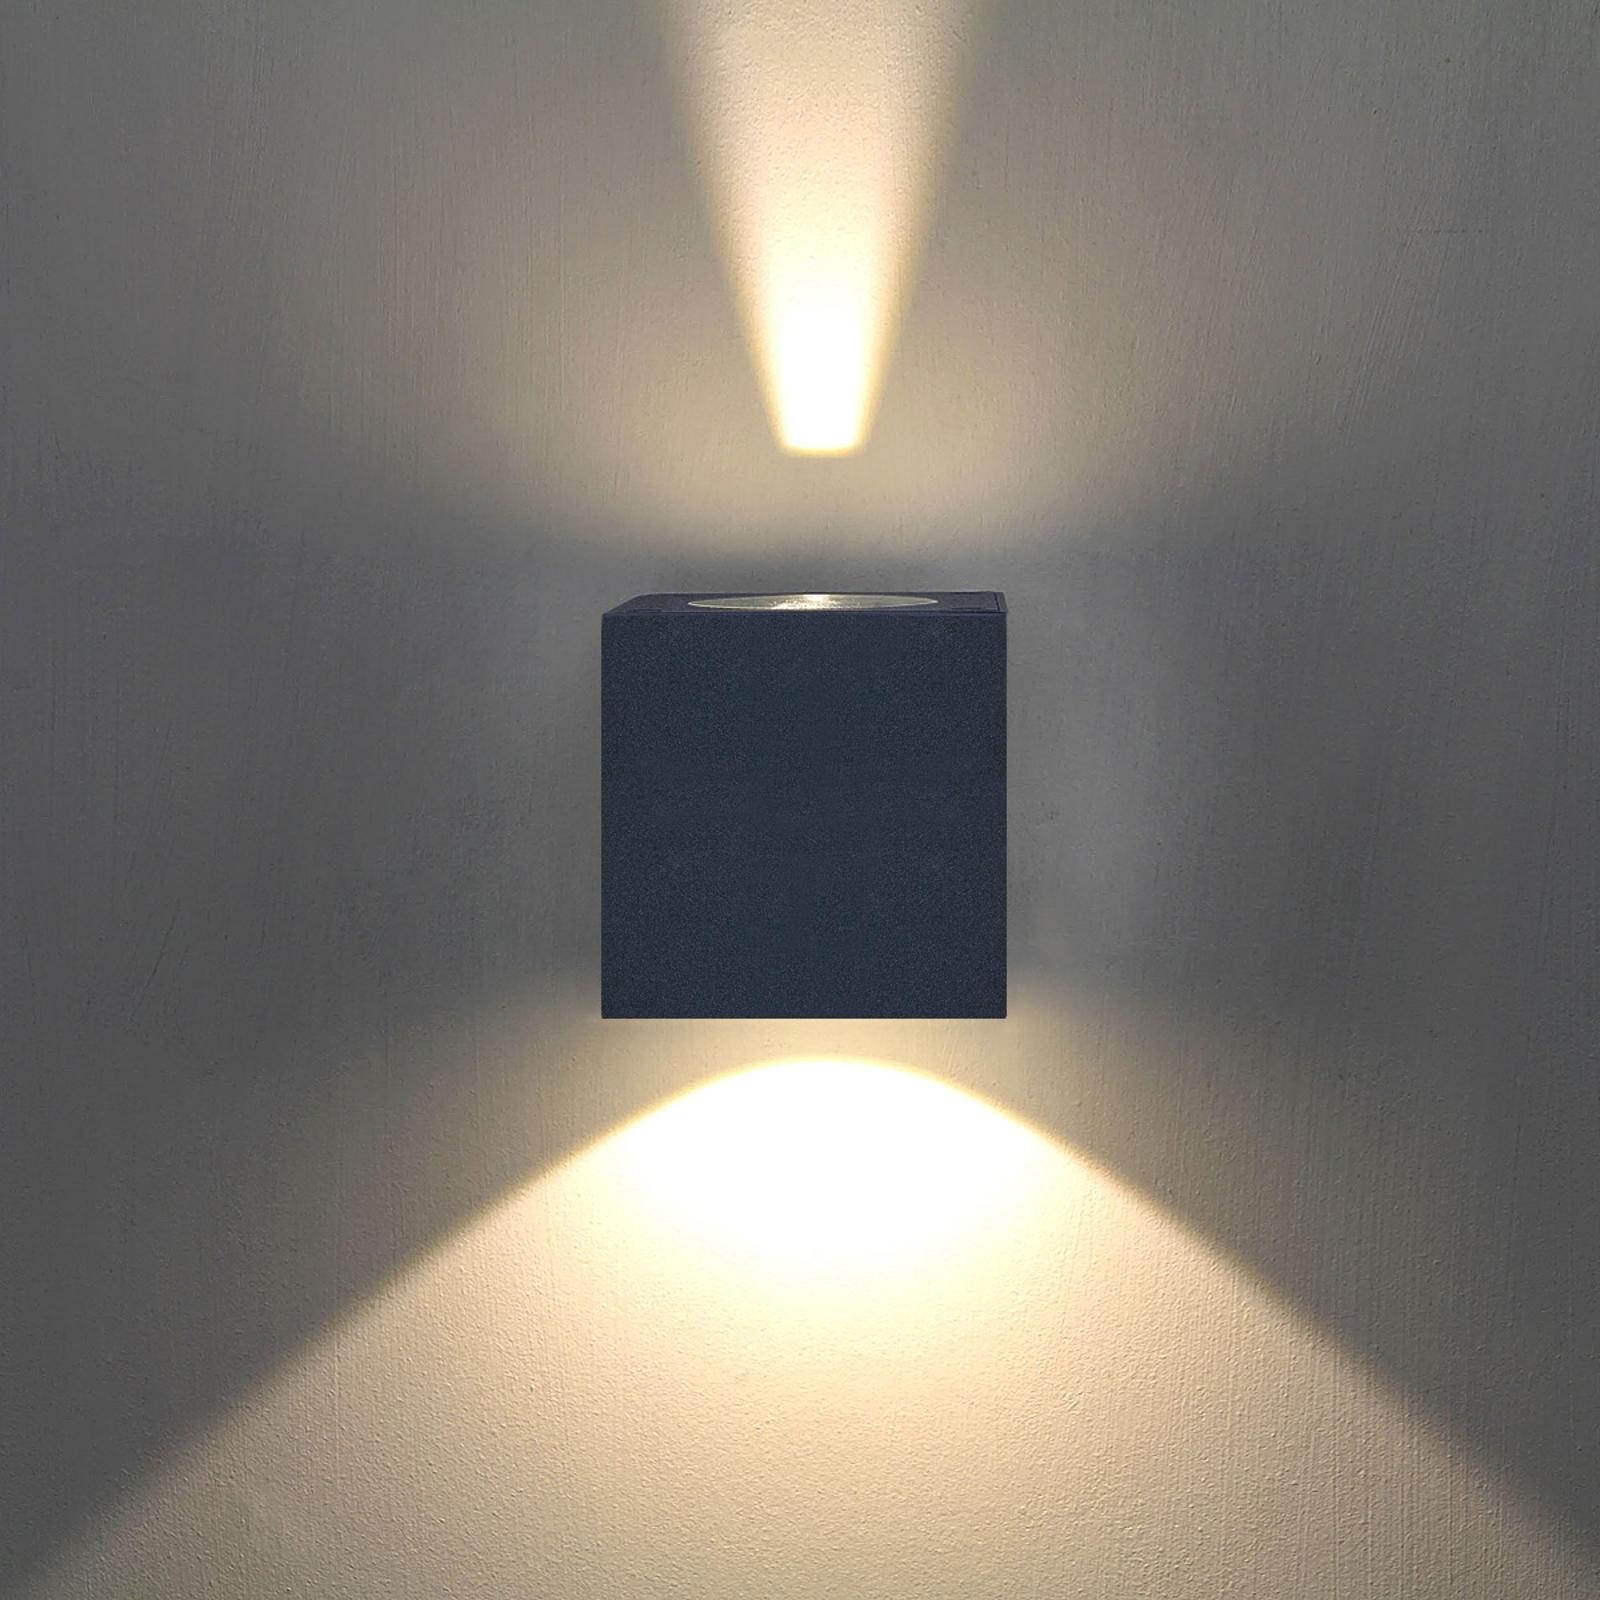 Applique d'extérieur LED Jarno coloris graphite